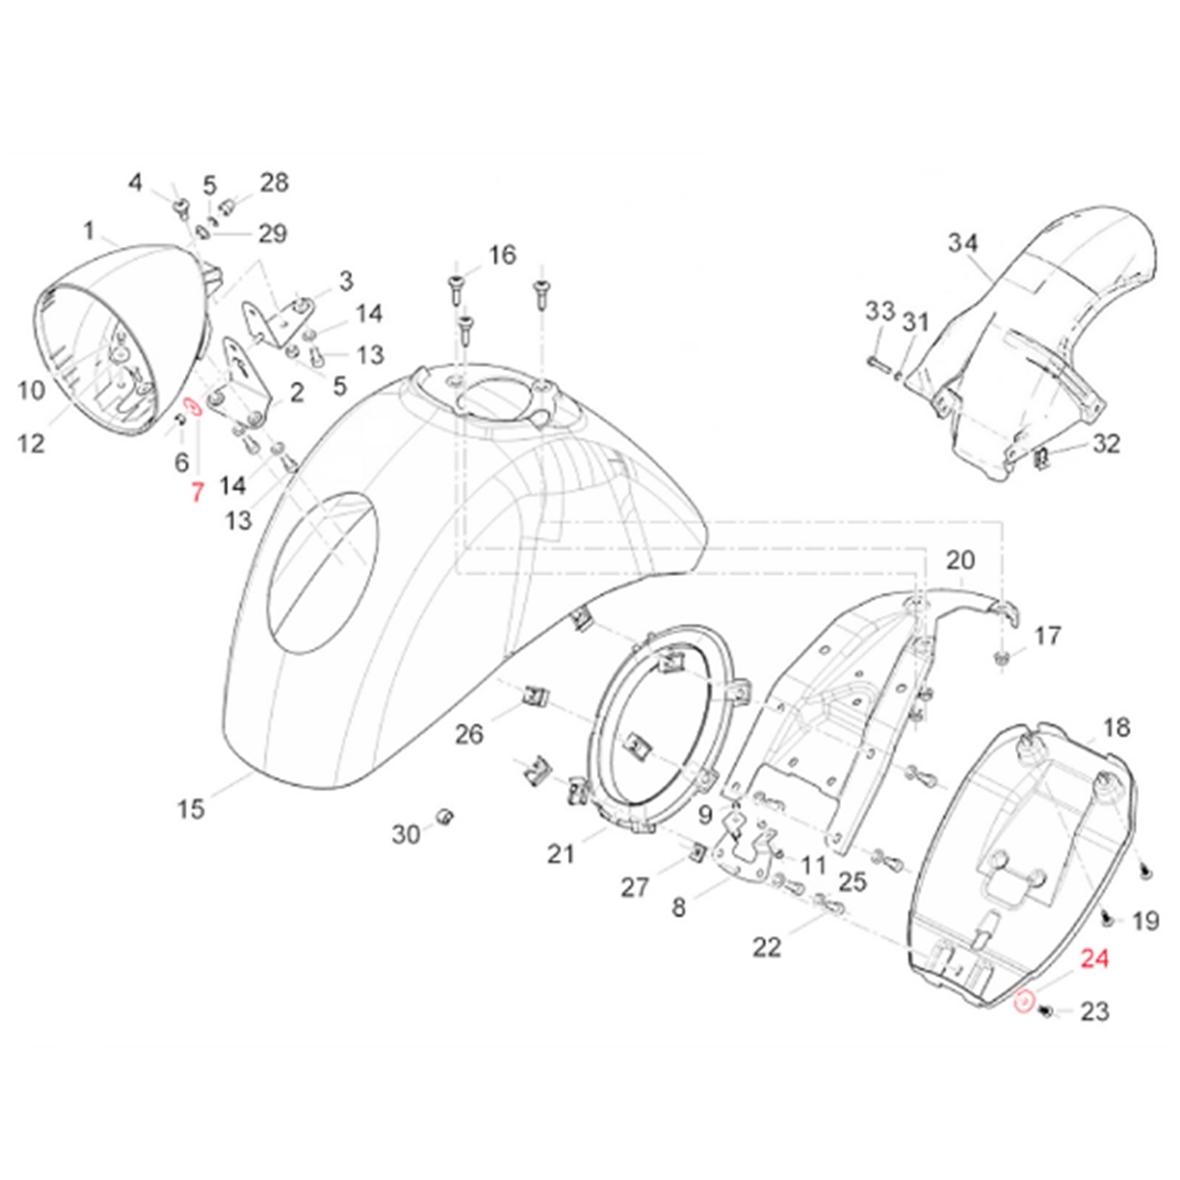 """Image du produit 'Rondelle monture de phare """"lampe inférieure"""", garde-boue, PIAGGIO'"""